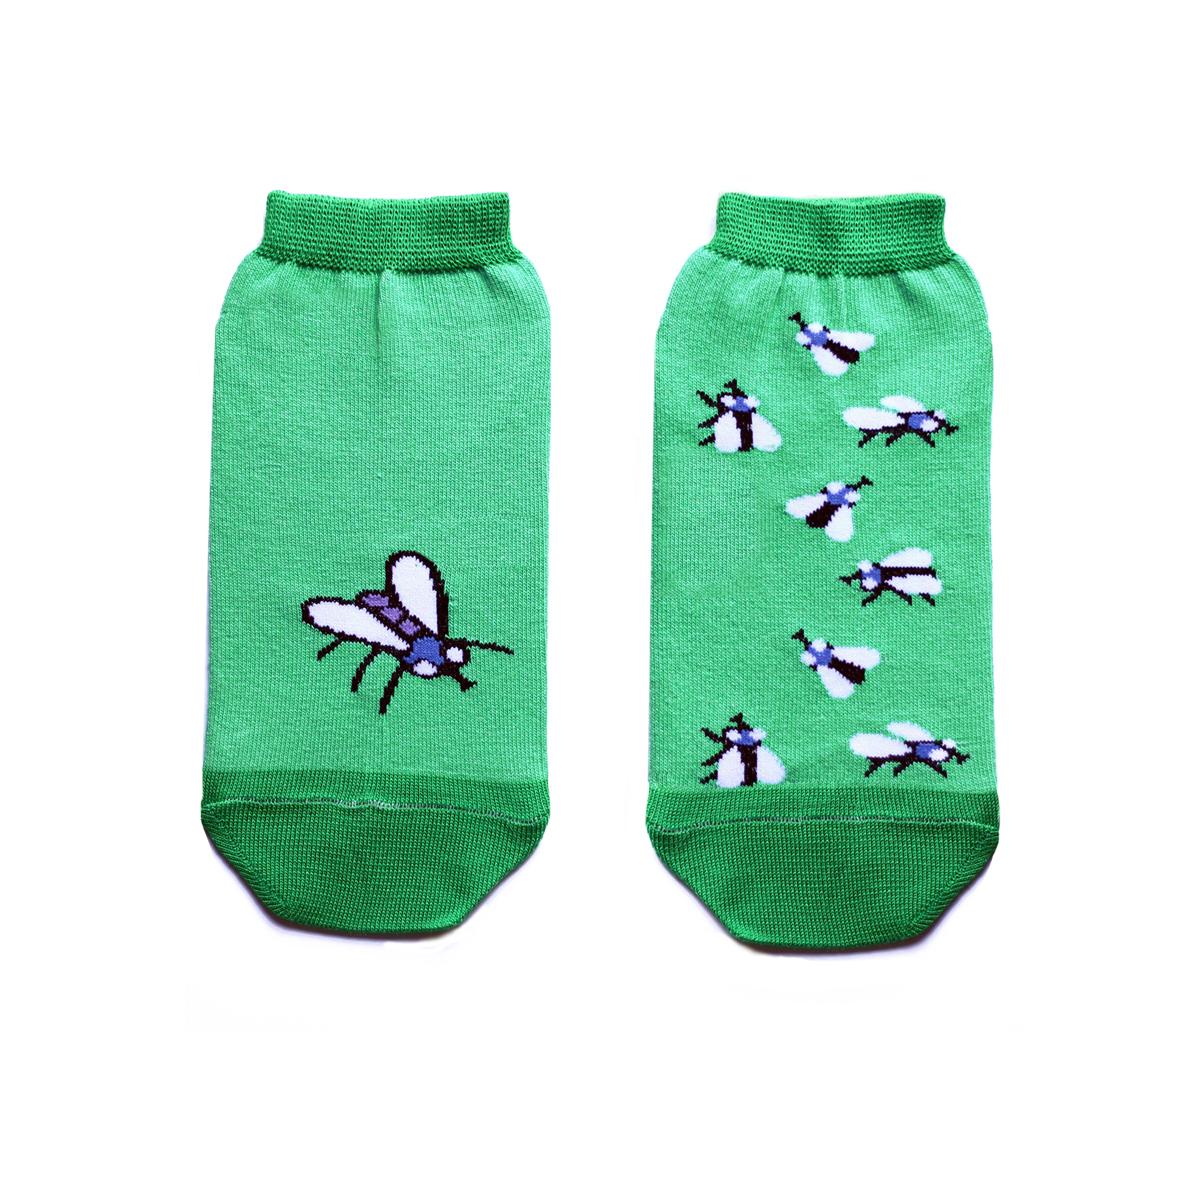 Носкиca1422Укороченные женские носки Big Bang Socks изготовлены из высококачественного хлопка с добавлением полиамидных и эластановых волокон, которые обеспечивают великолепную посадку. Носки отличаются ярким стильным дизайном, они оформлены изображением мух. Удобная резинка идеально облегает ногу и не пережимает сосуды, а усиленные пятка и мысок повышают износоустойчивость носка. Дизайнерские носки Big Bang Socks - яркая деталь в вашем образе и оригинальный подарок для друзей и близких.